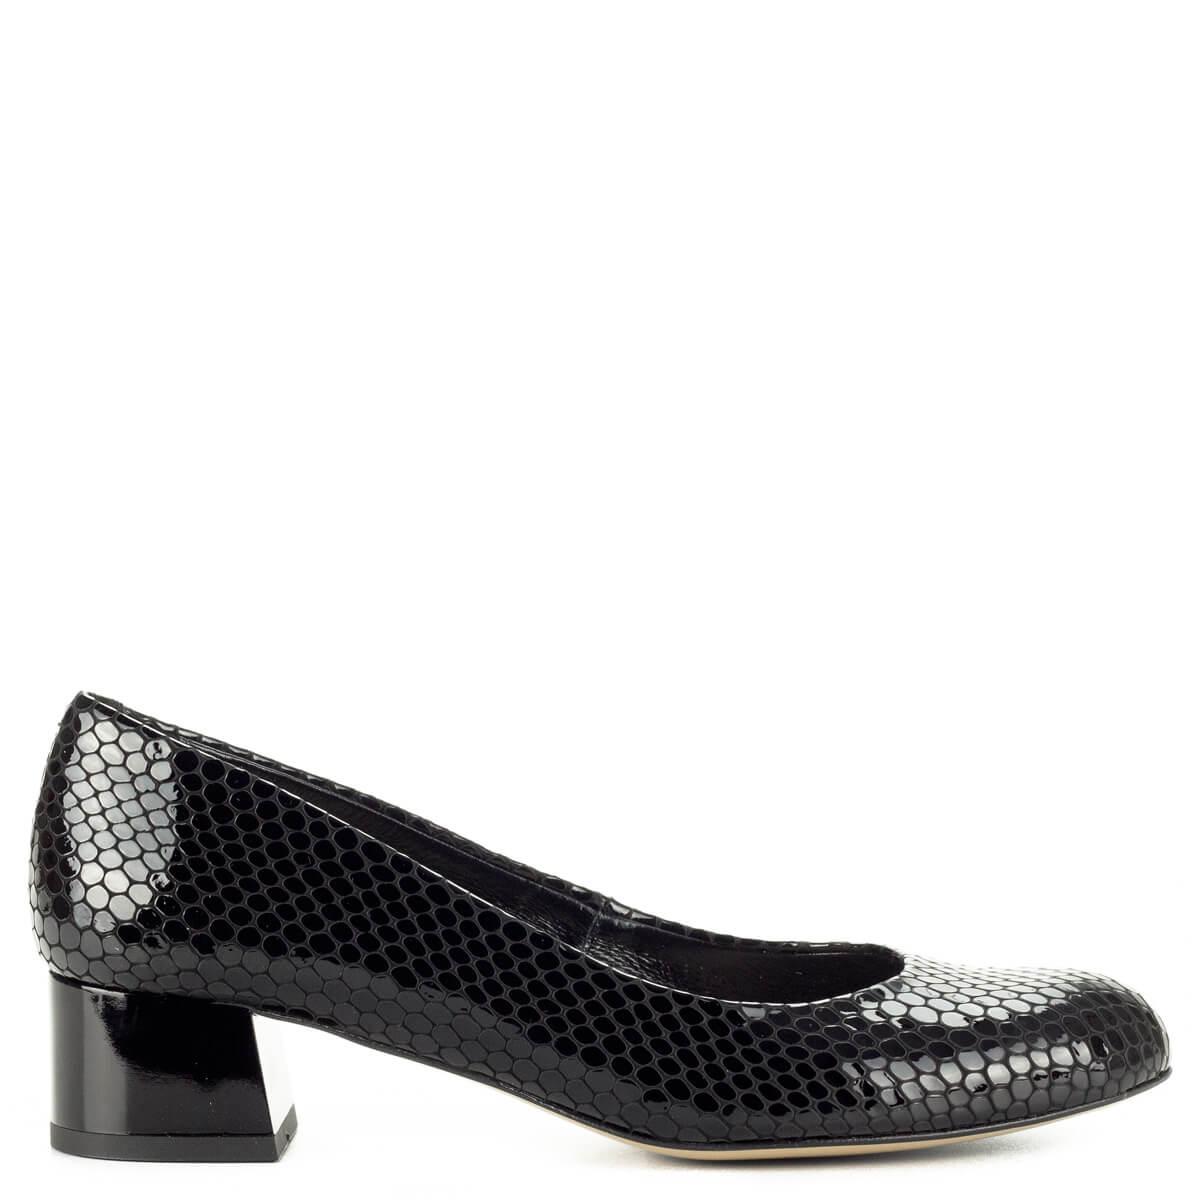 ... Fekete Kotyl lakk bőr cipő mintás felsőrésszel és bőr béléssel. Sarka  kb 4 cm magas 60d9fecd24